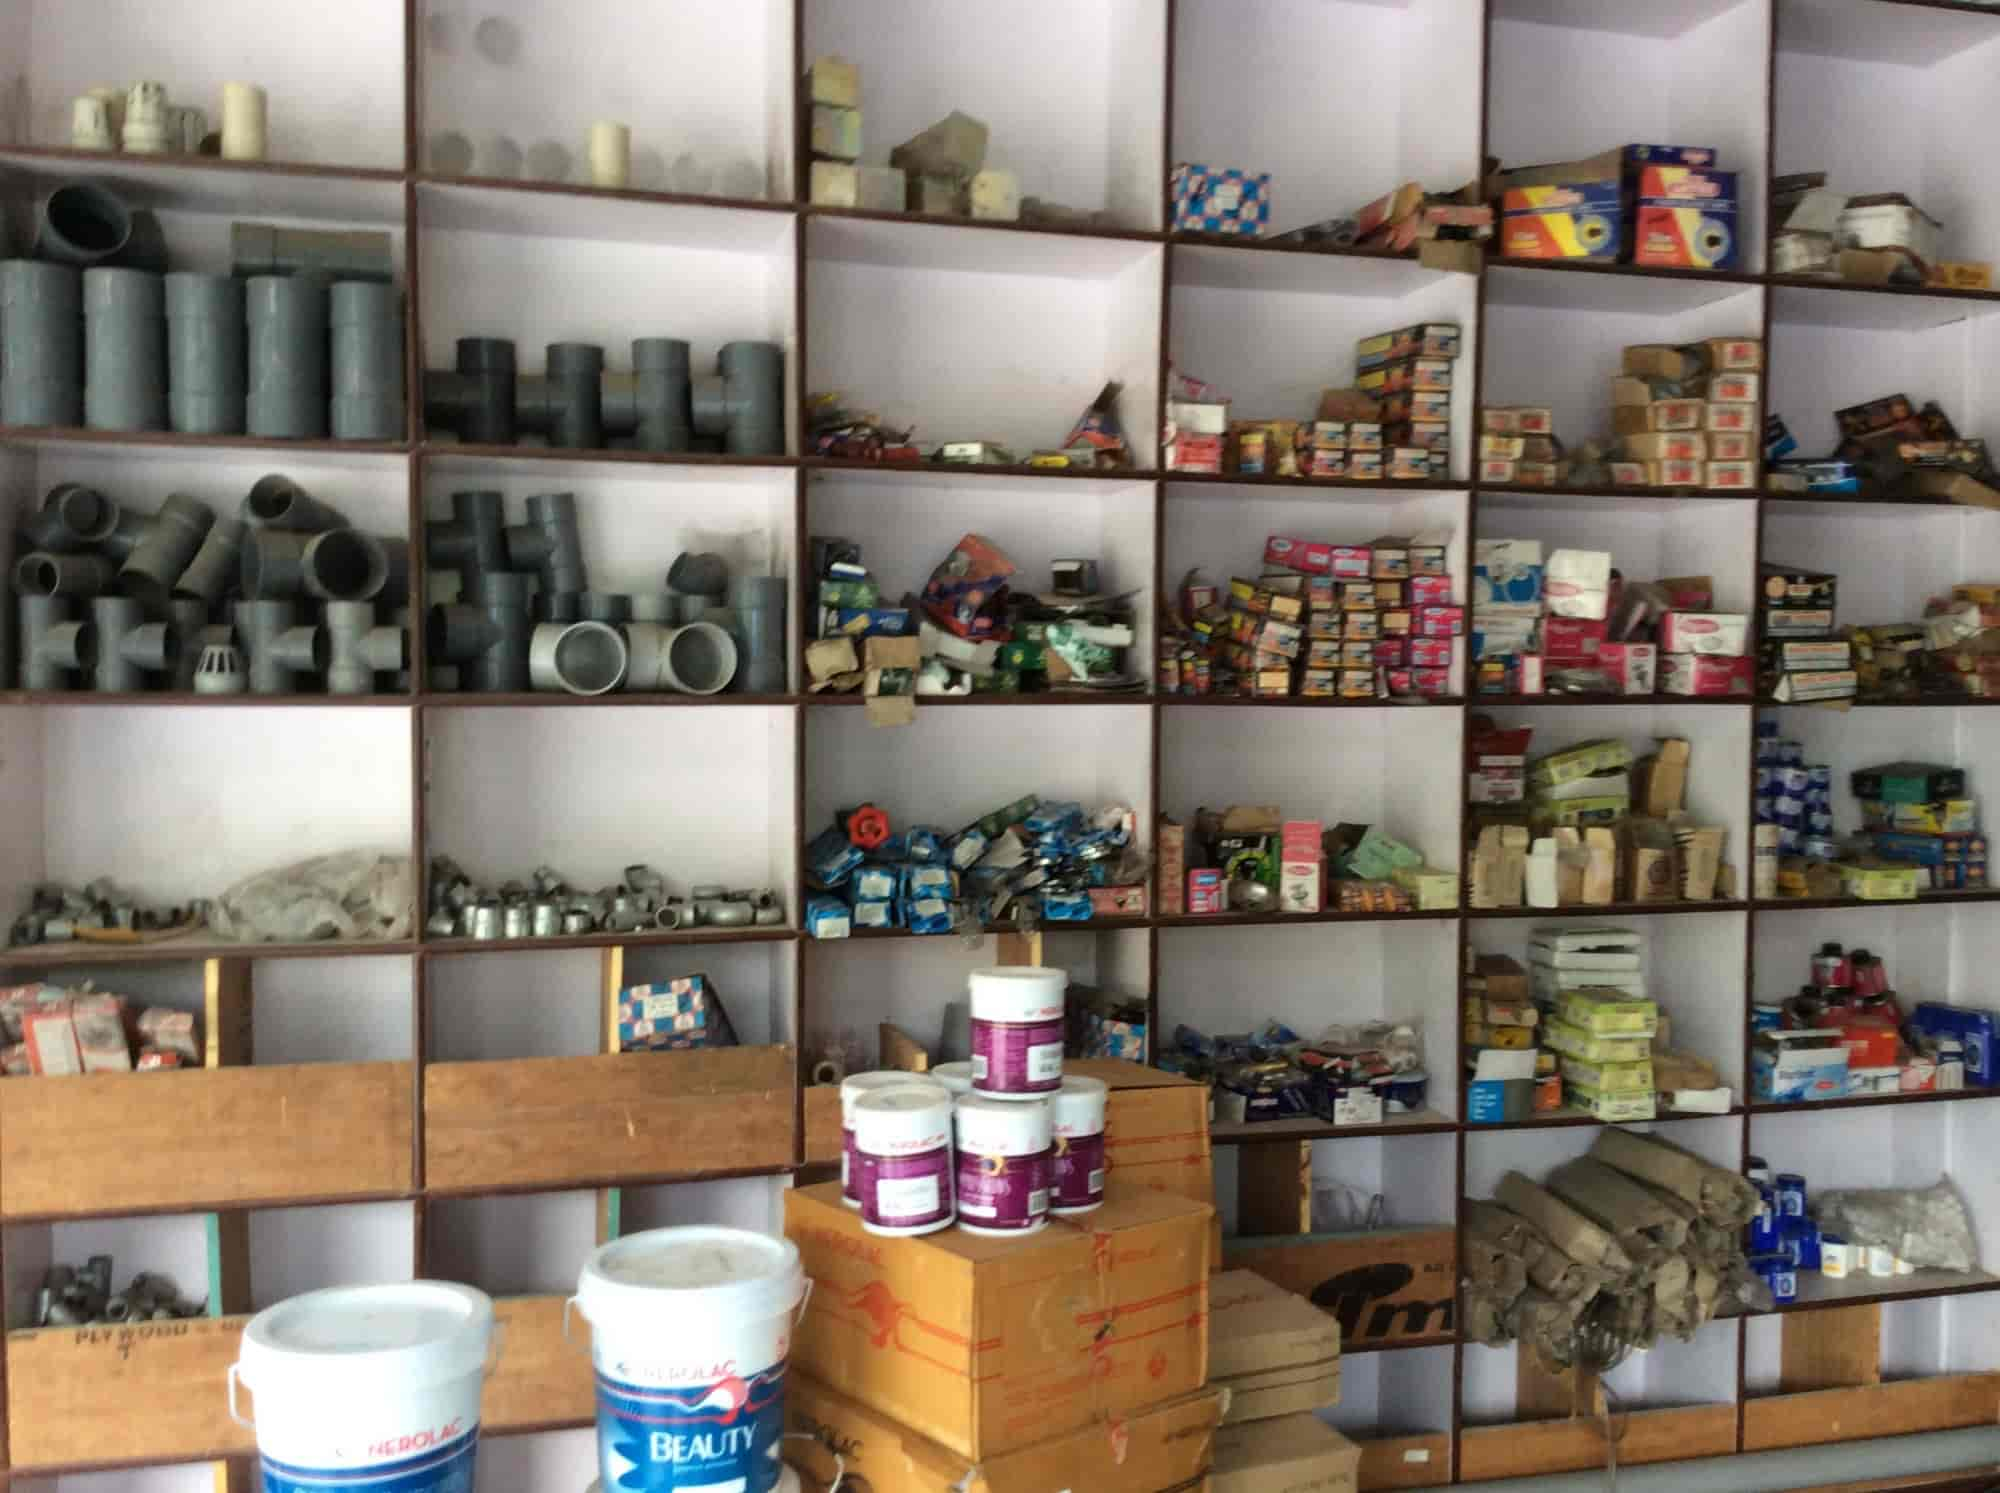 Chaudhary Furniture And Hardware Store Photos Jhalera Mumbai